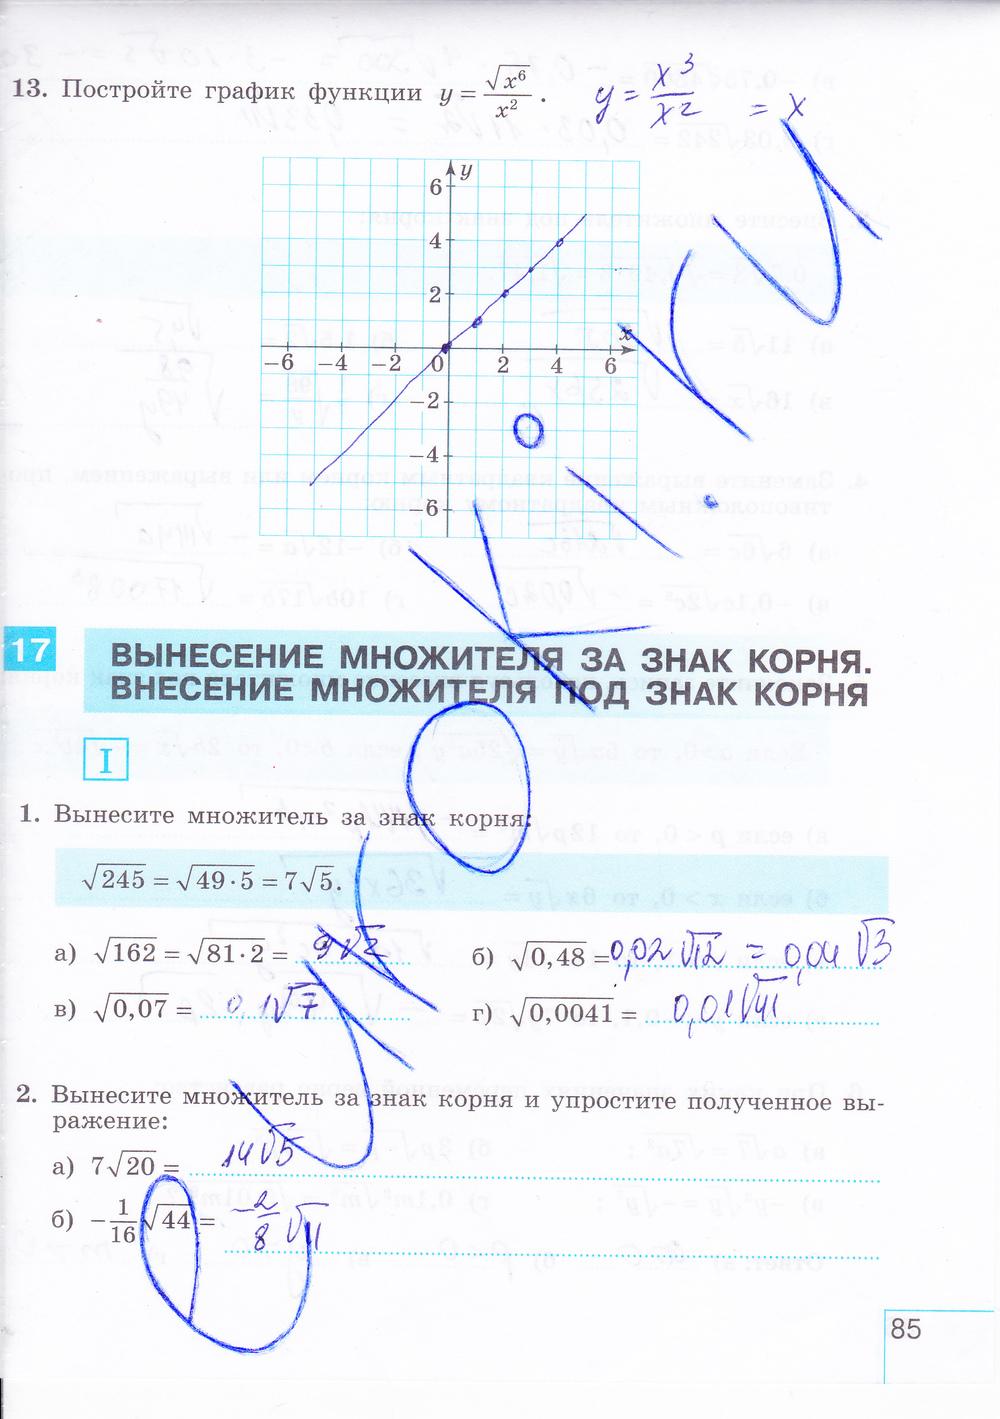 Гдз по рабочей тетради по алгебре 7 класс макарычев миндюк